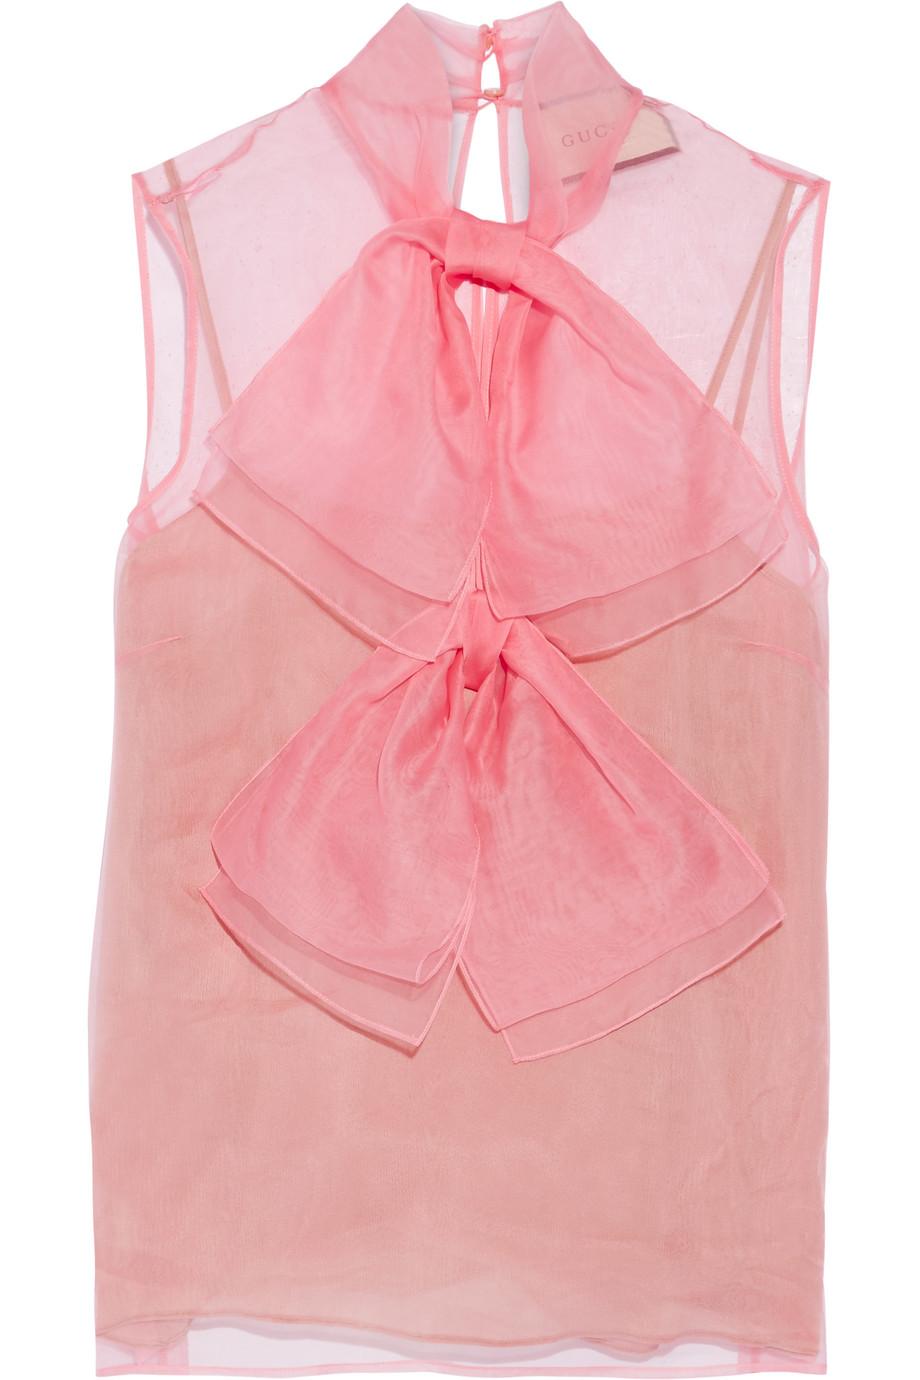 Gucci Pussy-Bow Silk-Chiffon Blouse, Pink, Women's, Size: 40